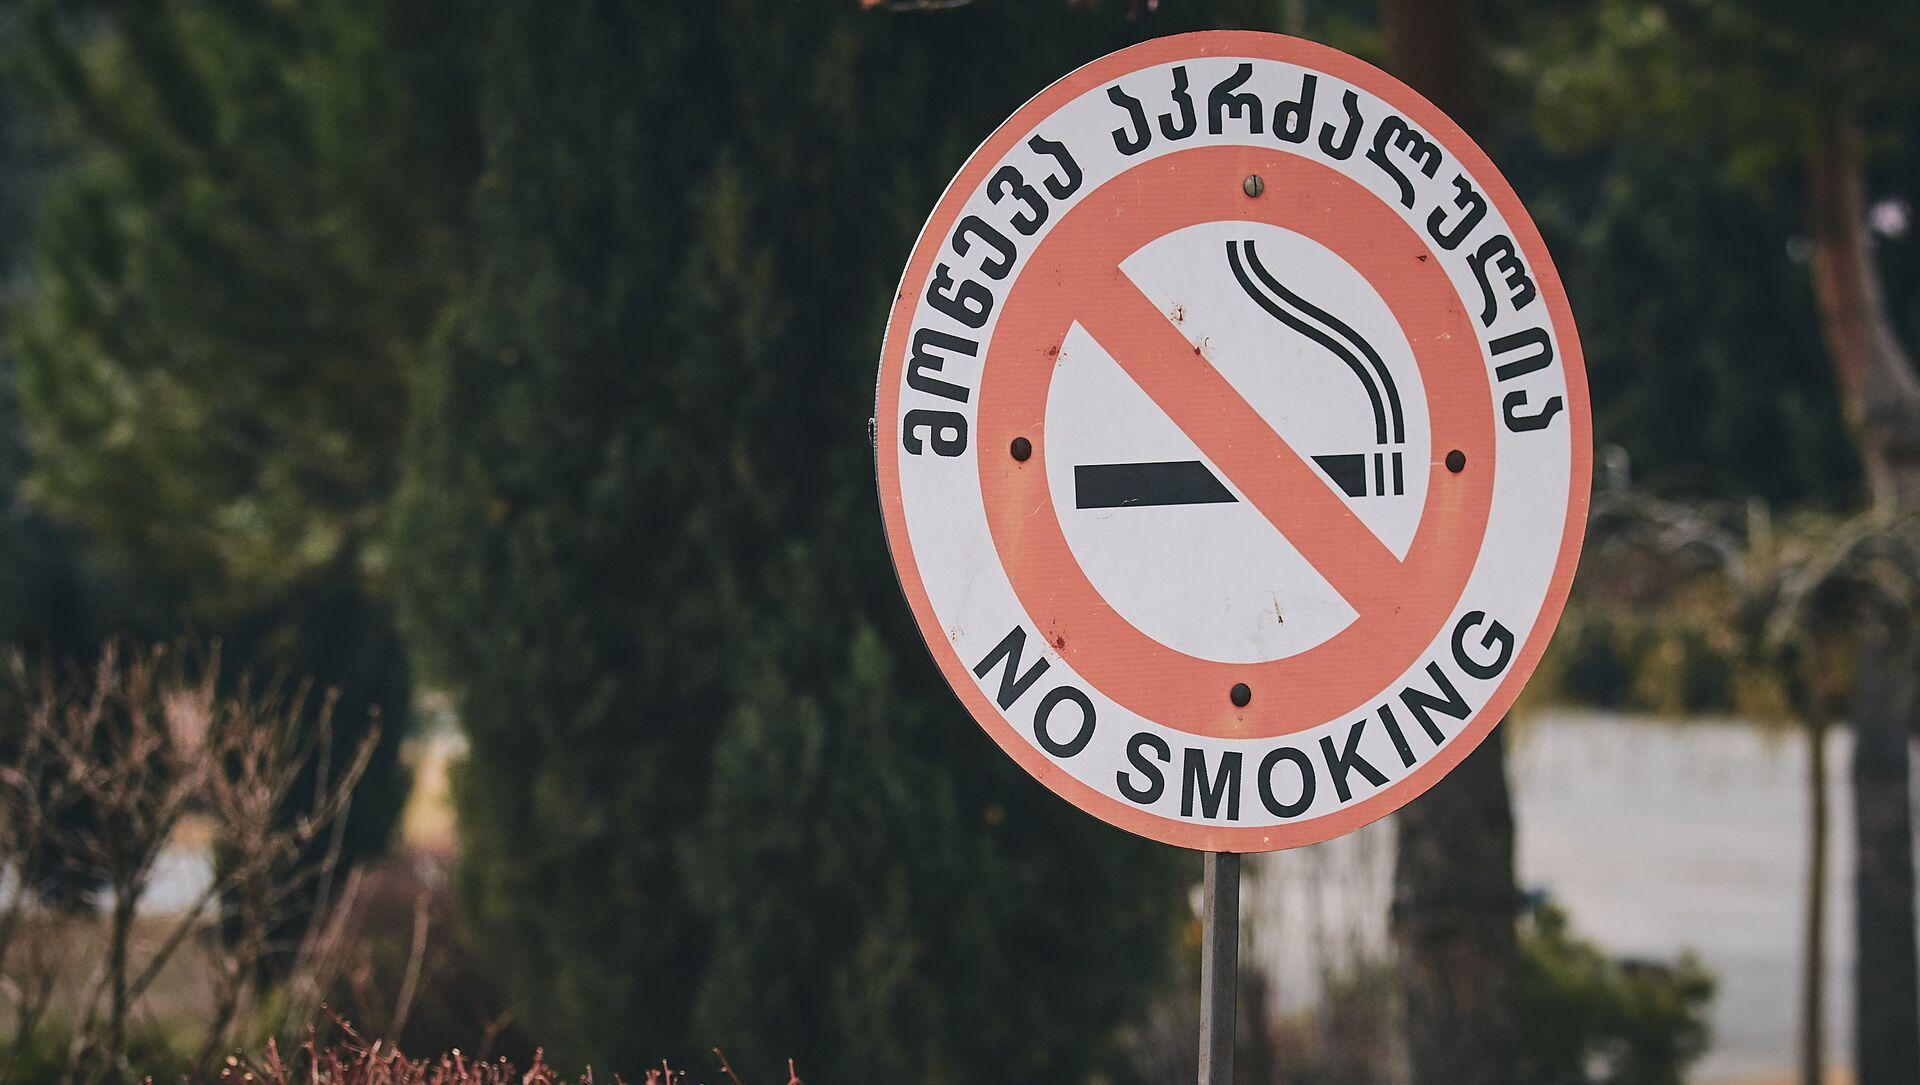 Запрет на курение в парке. Табличка с надписью Не курить! - Sputnik Грузия, 1920, 16.04.2021